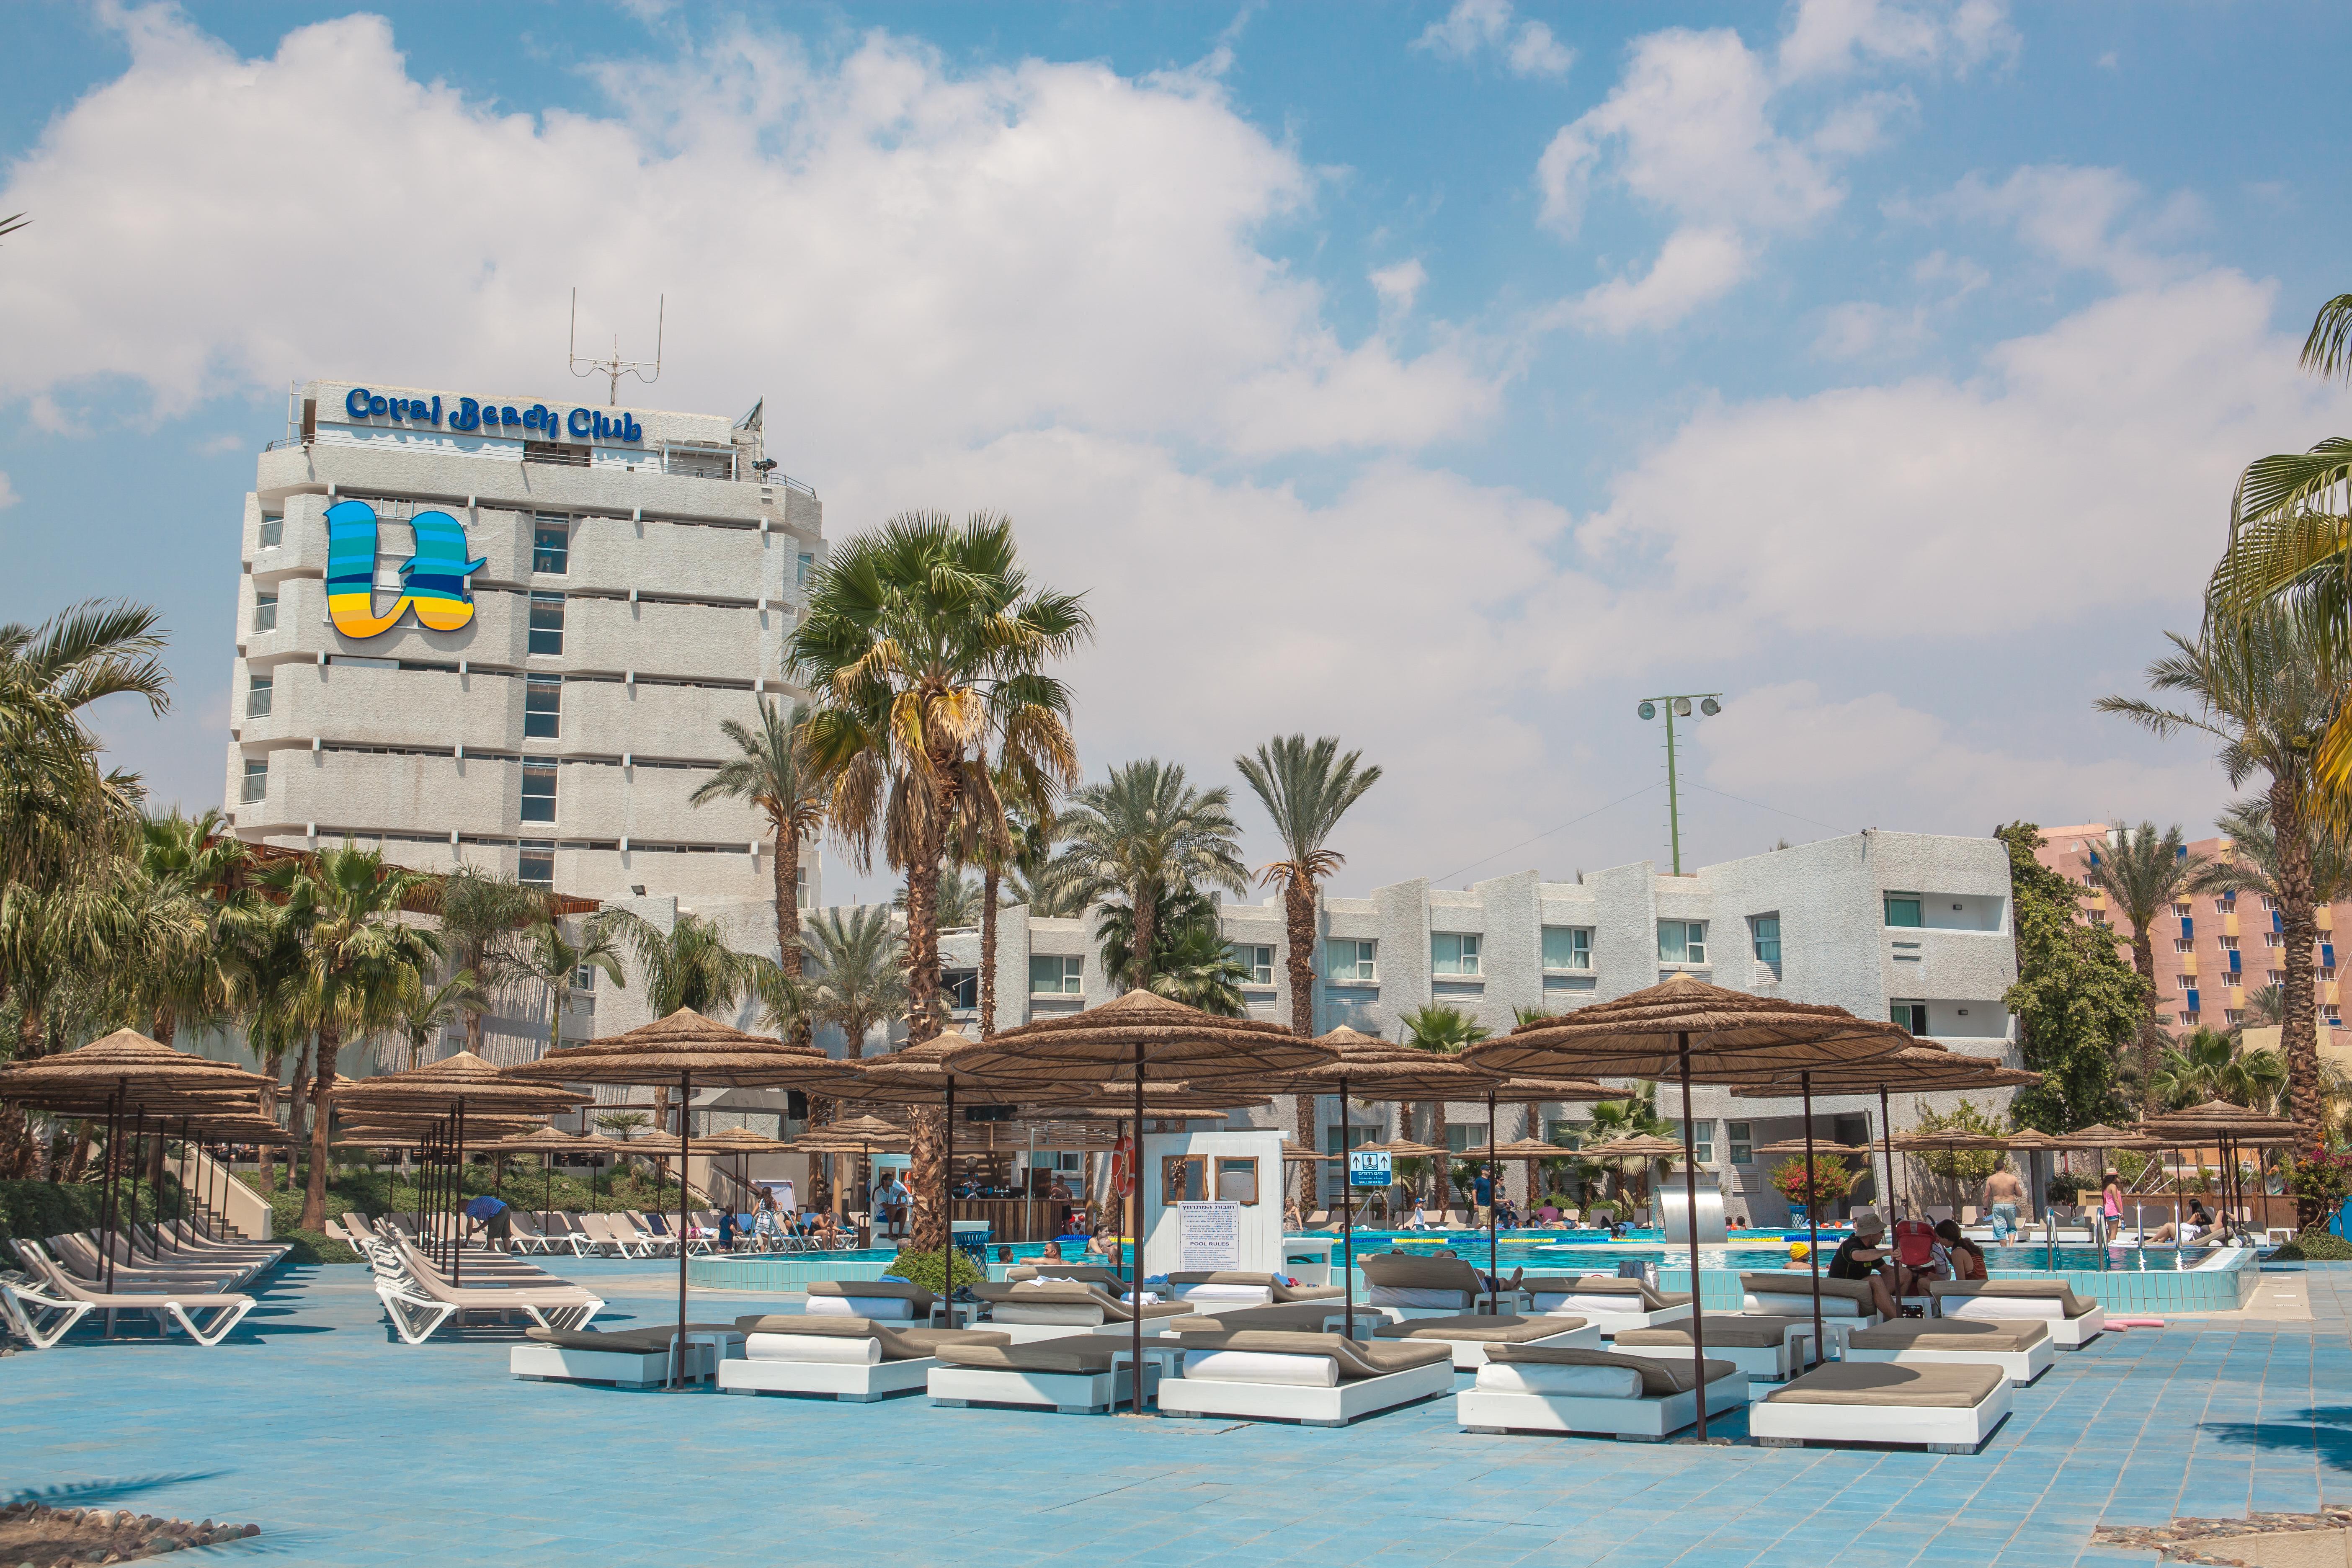 U Coral Beach Club Eilat File:U Coral Be...